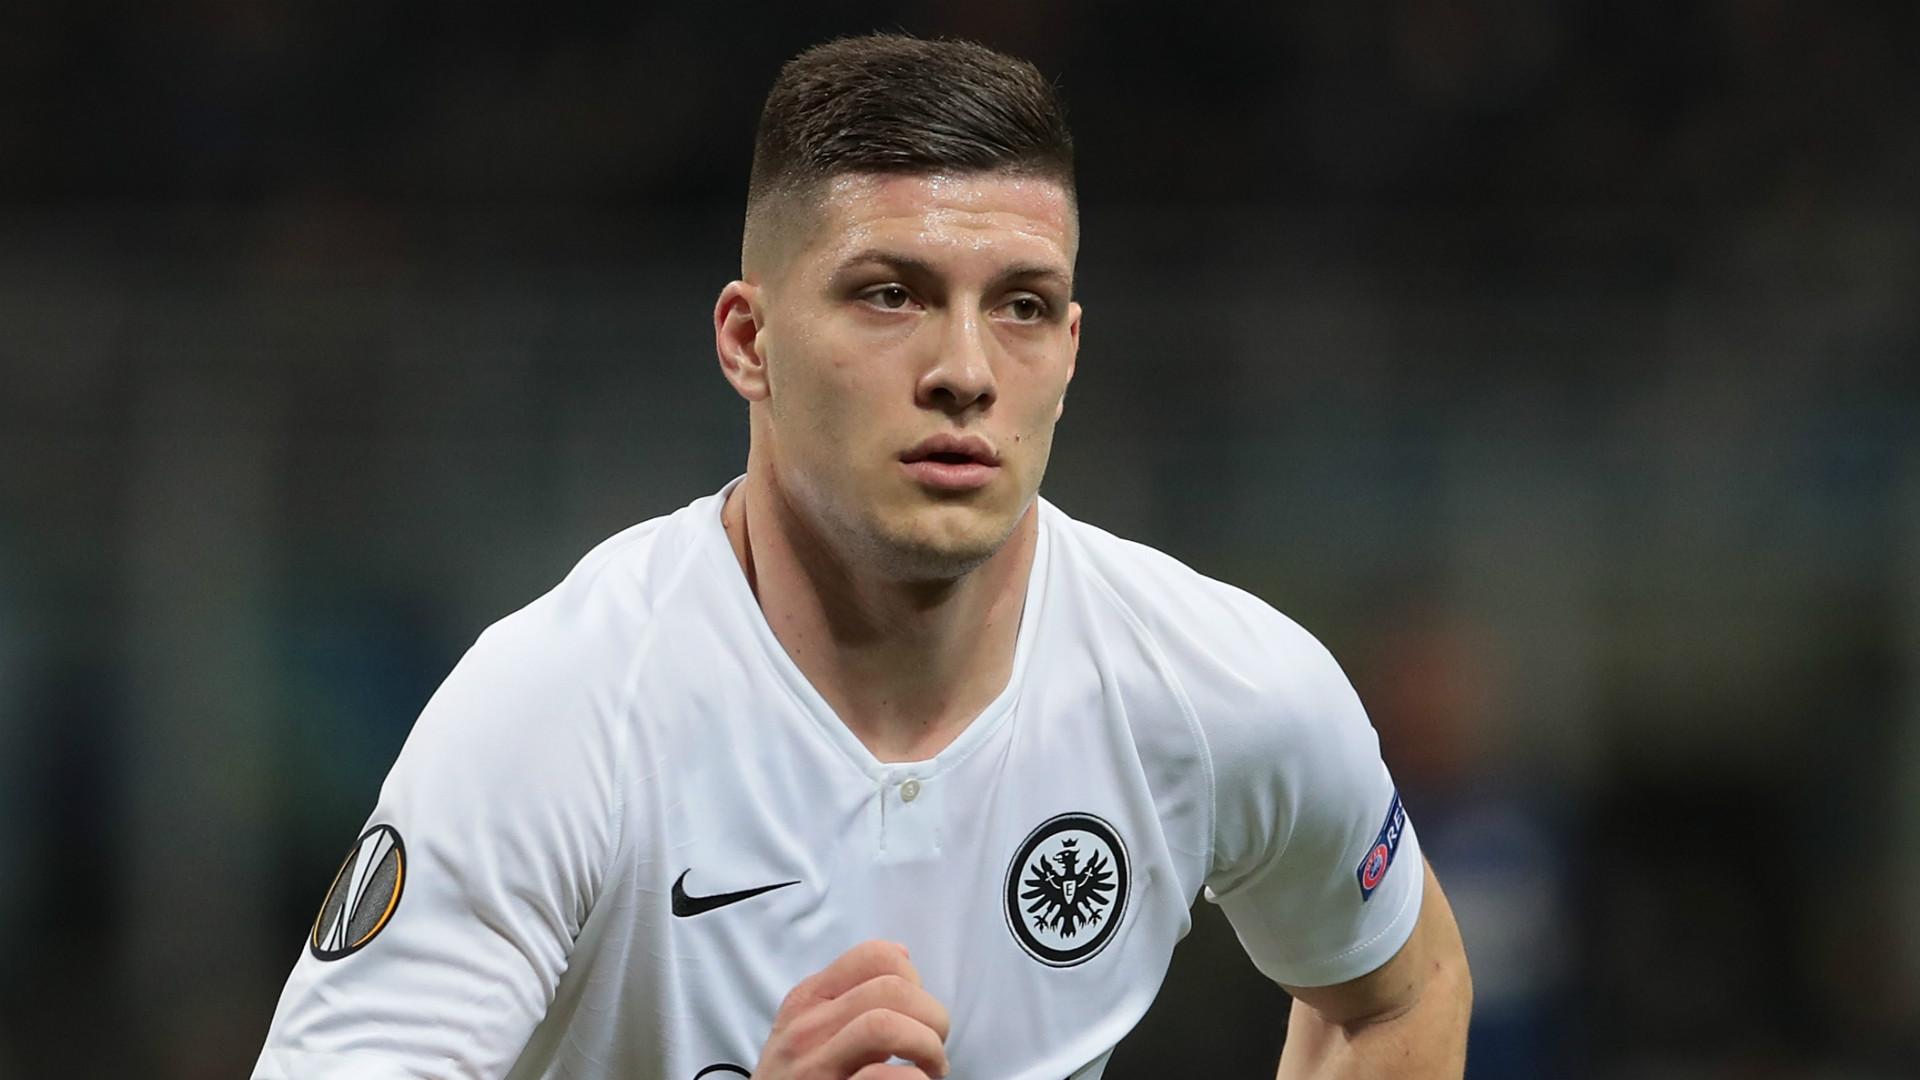 Luka Jovic Eintracht Frankfurt 2018-19